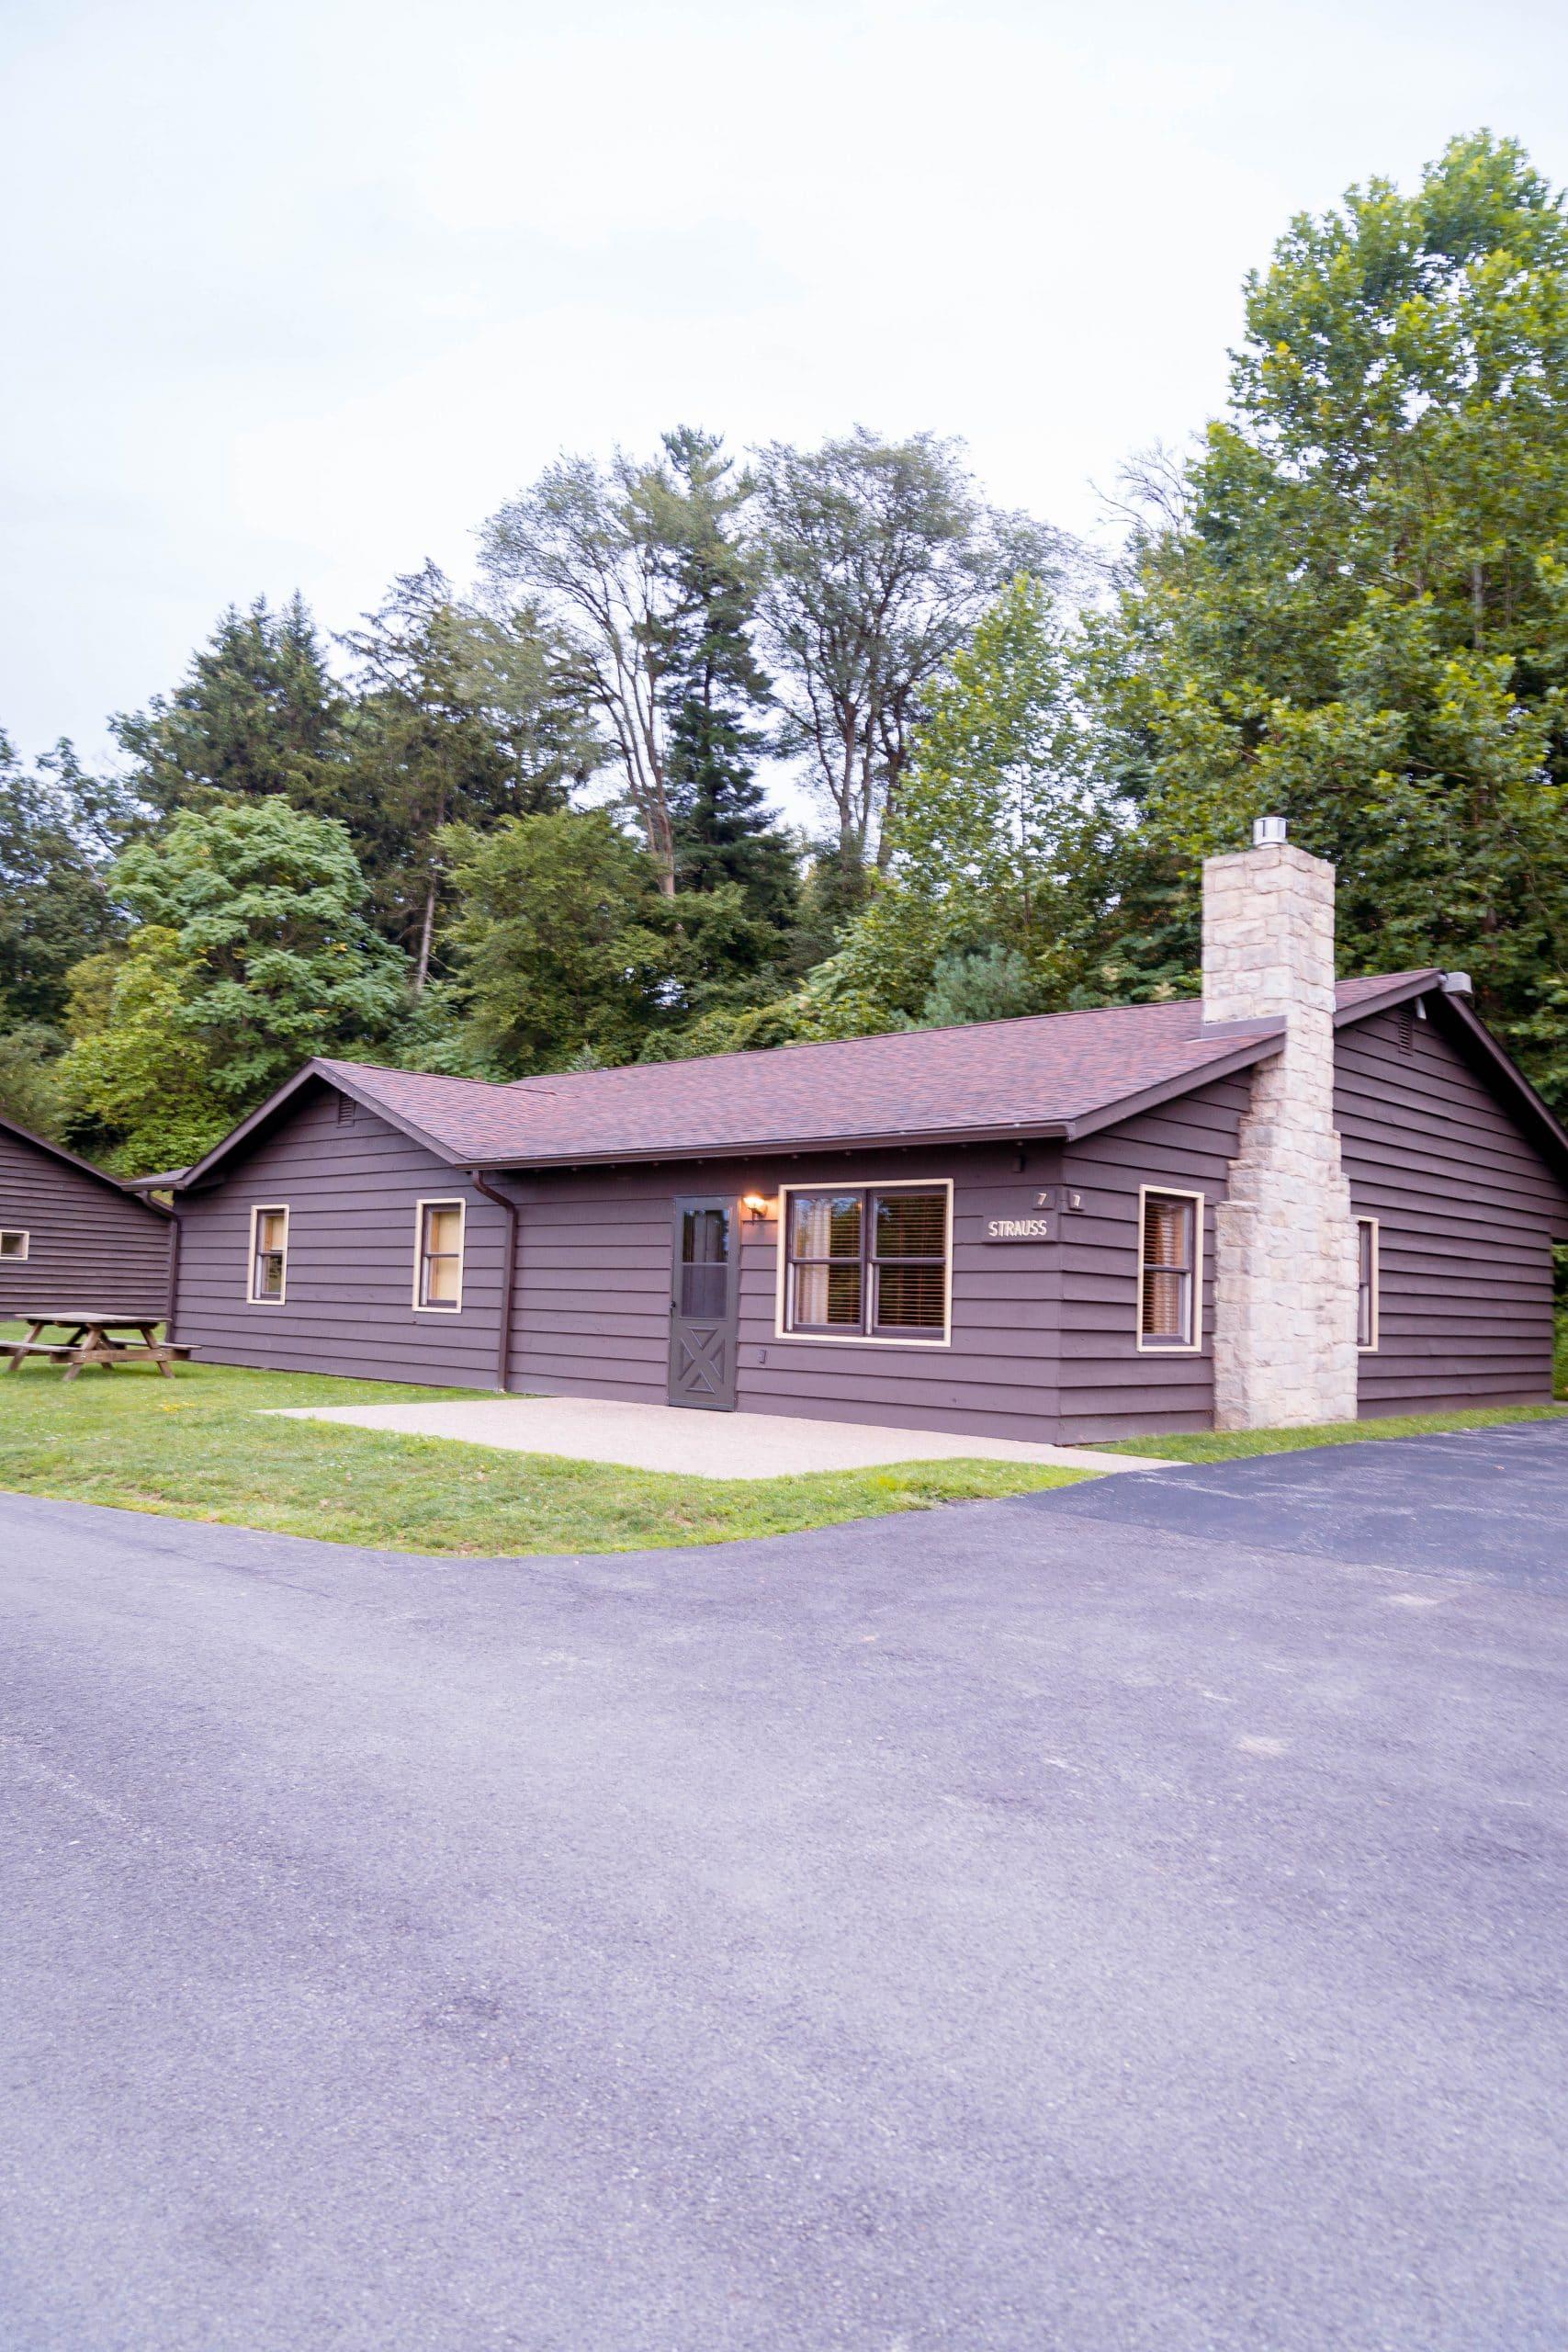 livinglesh oglebay speidell cottage